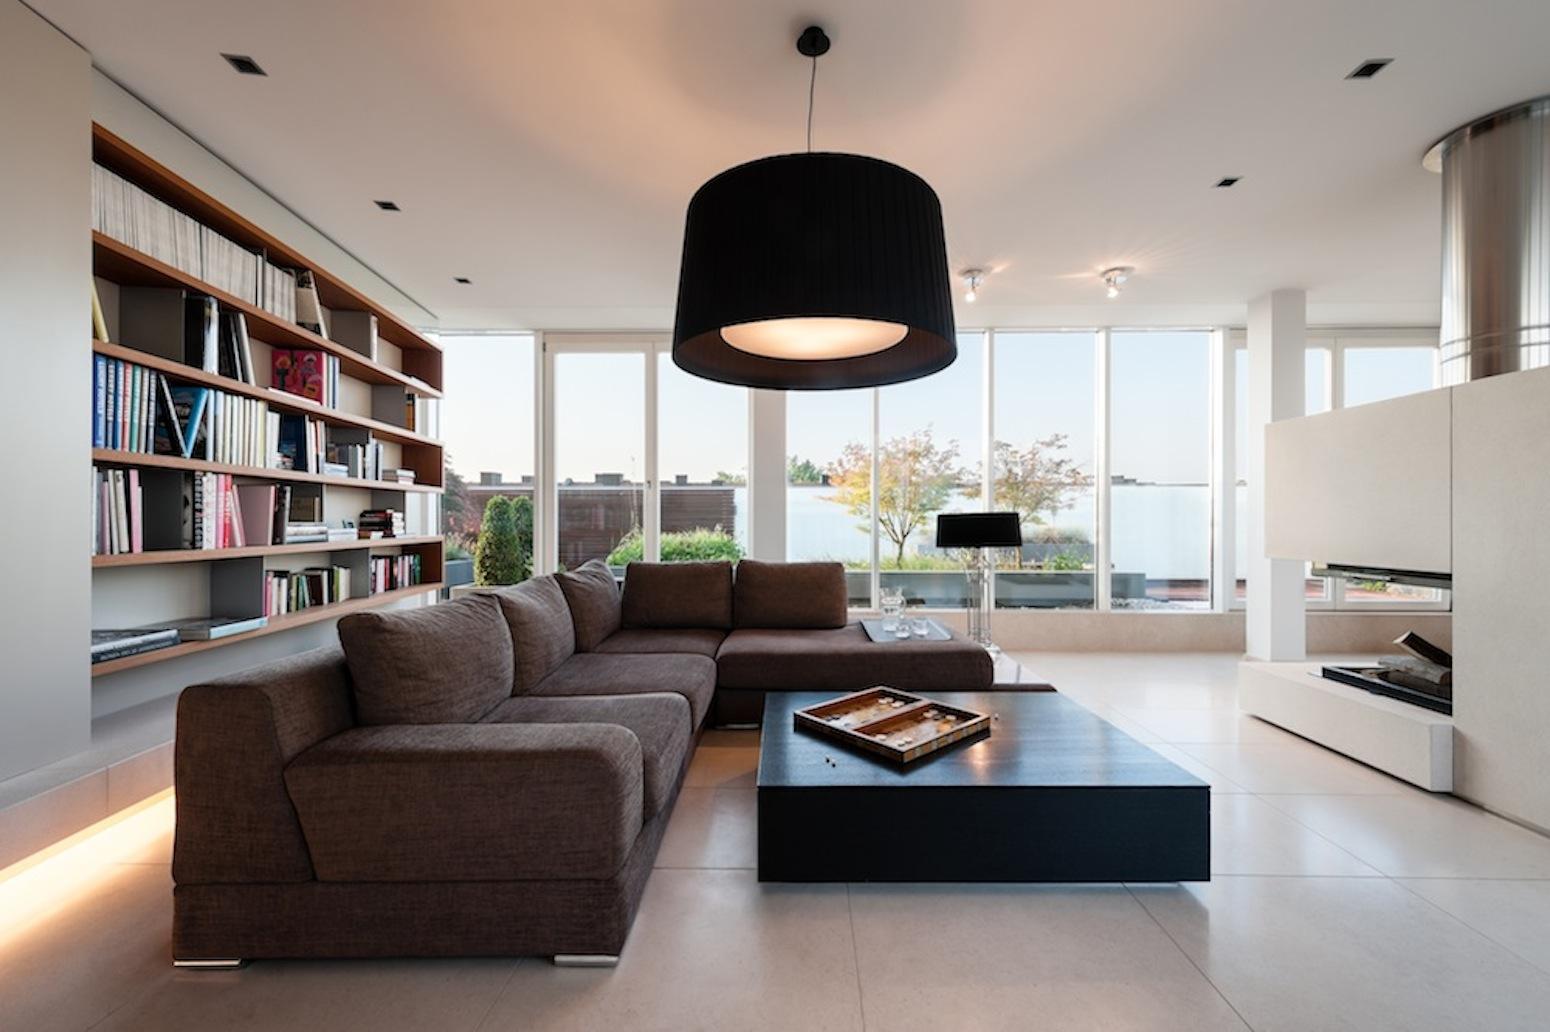 Innenarchitektur Rathke.de #couchtisch #bücherregal #sofa  #schwarzehängeleuchte #braunessofa #